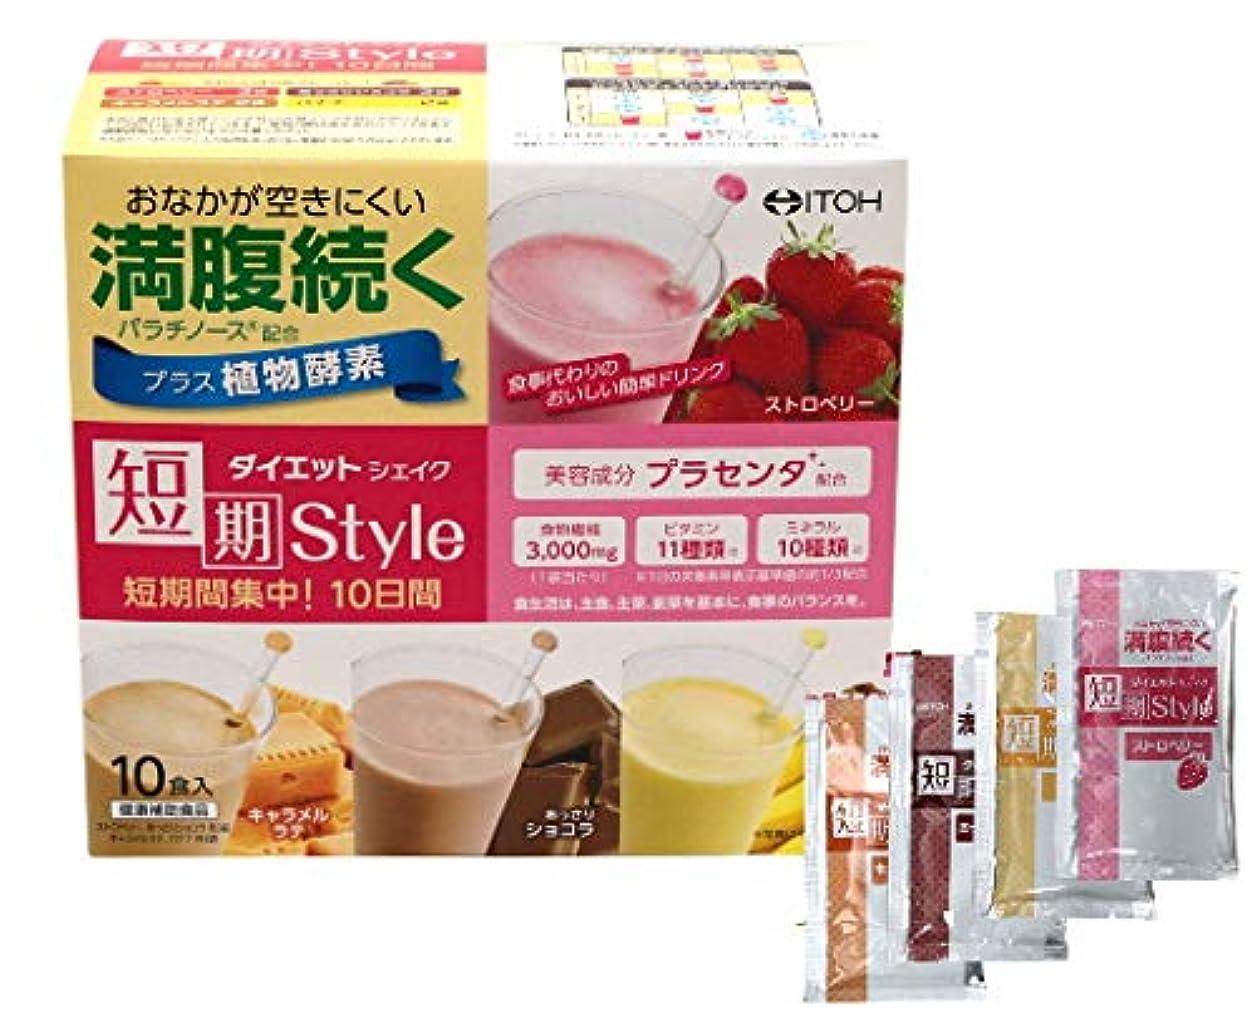 グリーススパーク家族井藤漢方 短期スタイル ダイエットシェイク(25g×10袋)2個セット